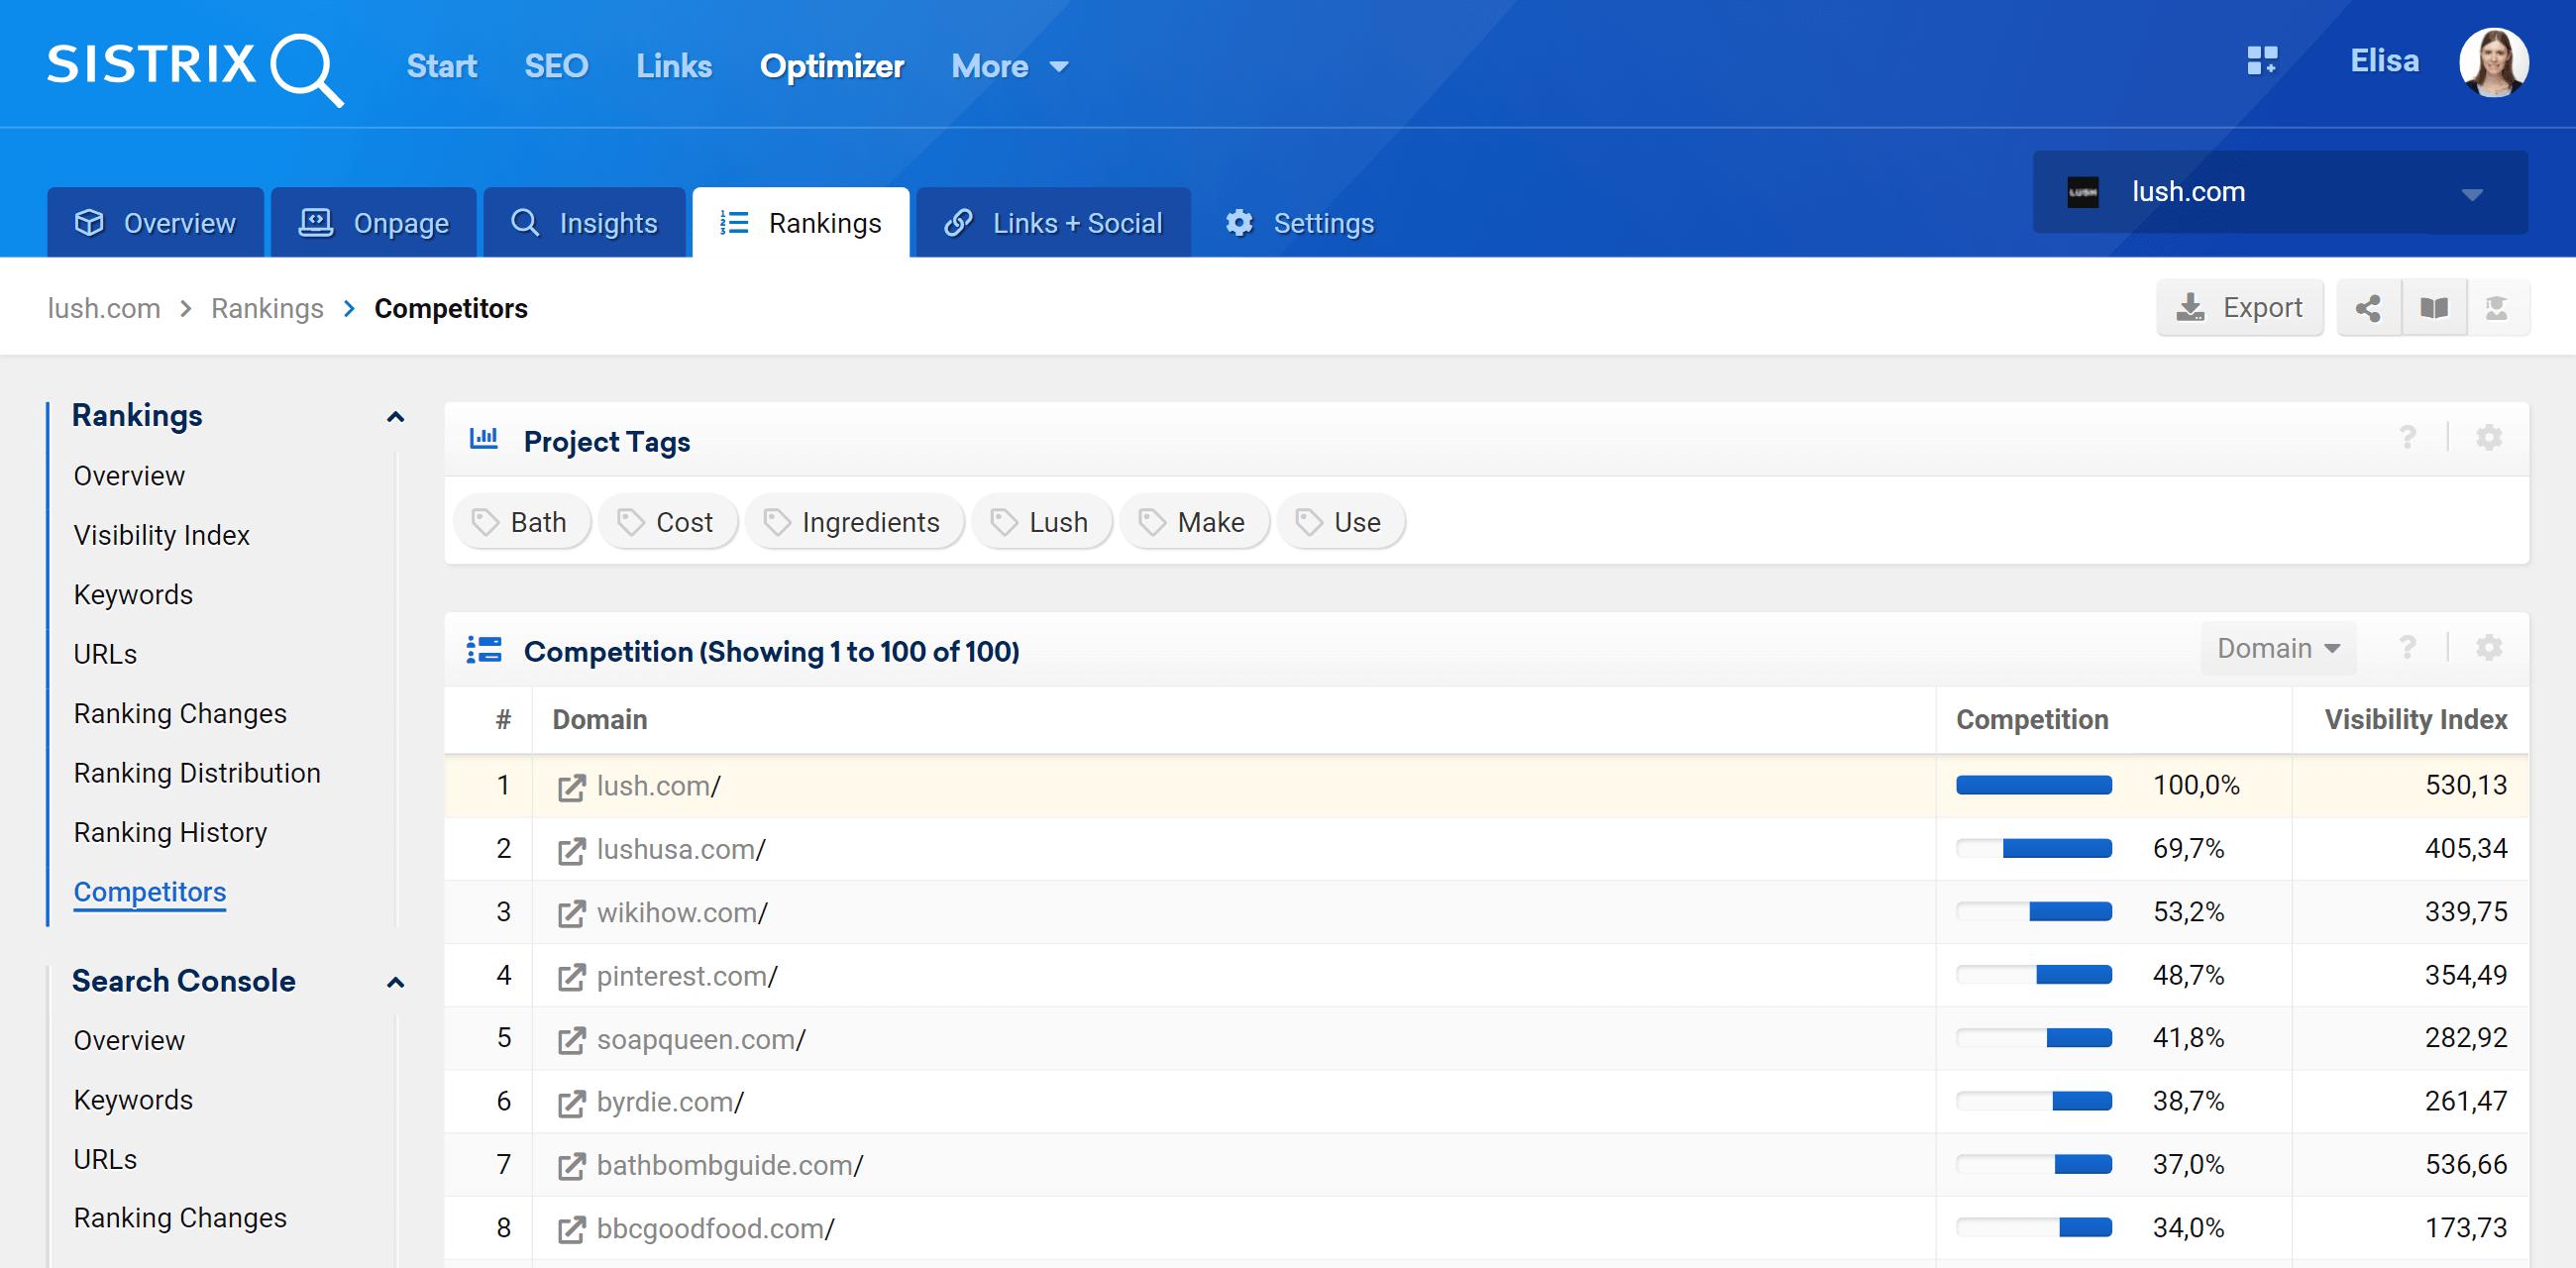 Competitors in the SISTRIX Optimizer